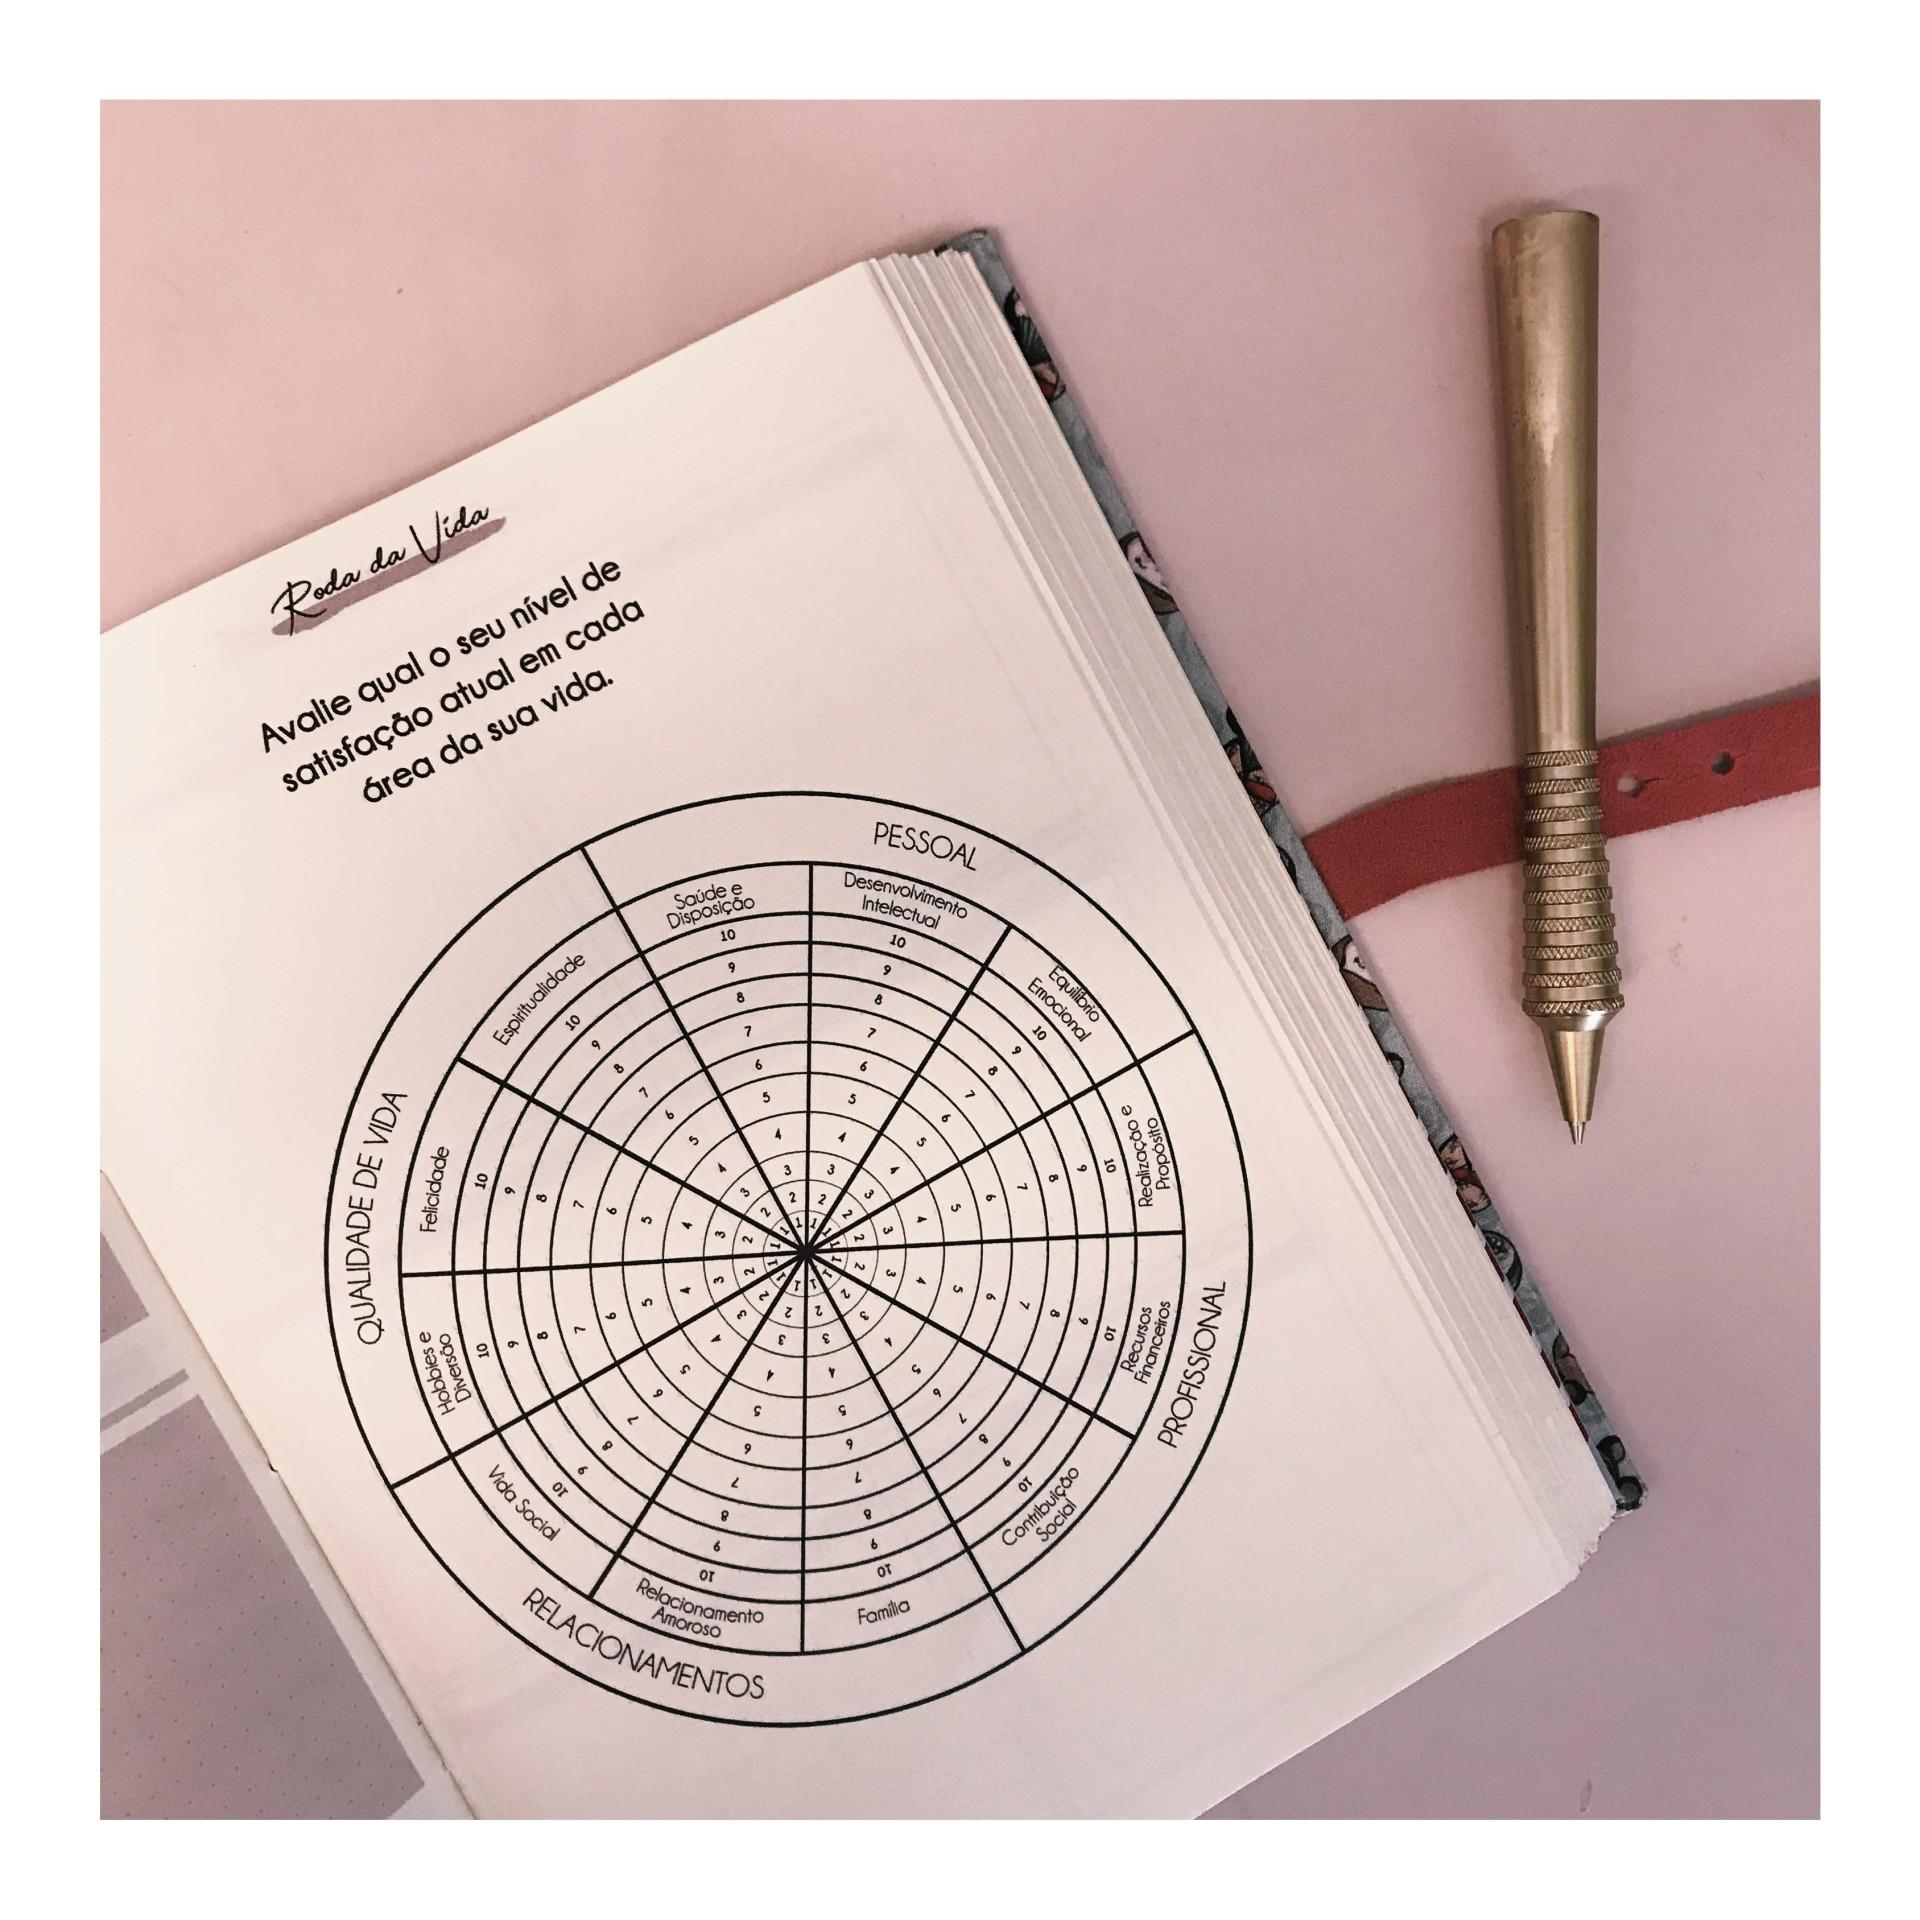 Planner da Limão Estúdio Criativo disponibiliza monitoramento das relações de vários âmbitos da vida (Foto: Divulgação/Limão Estúdio Criativo)